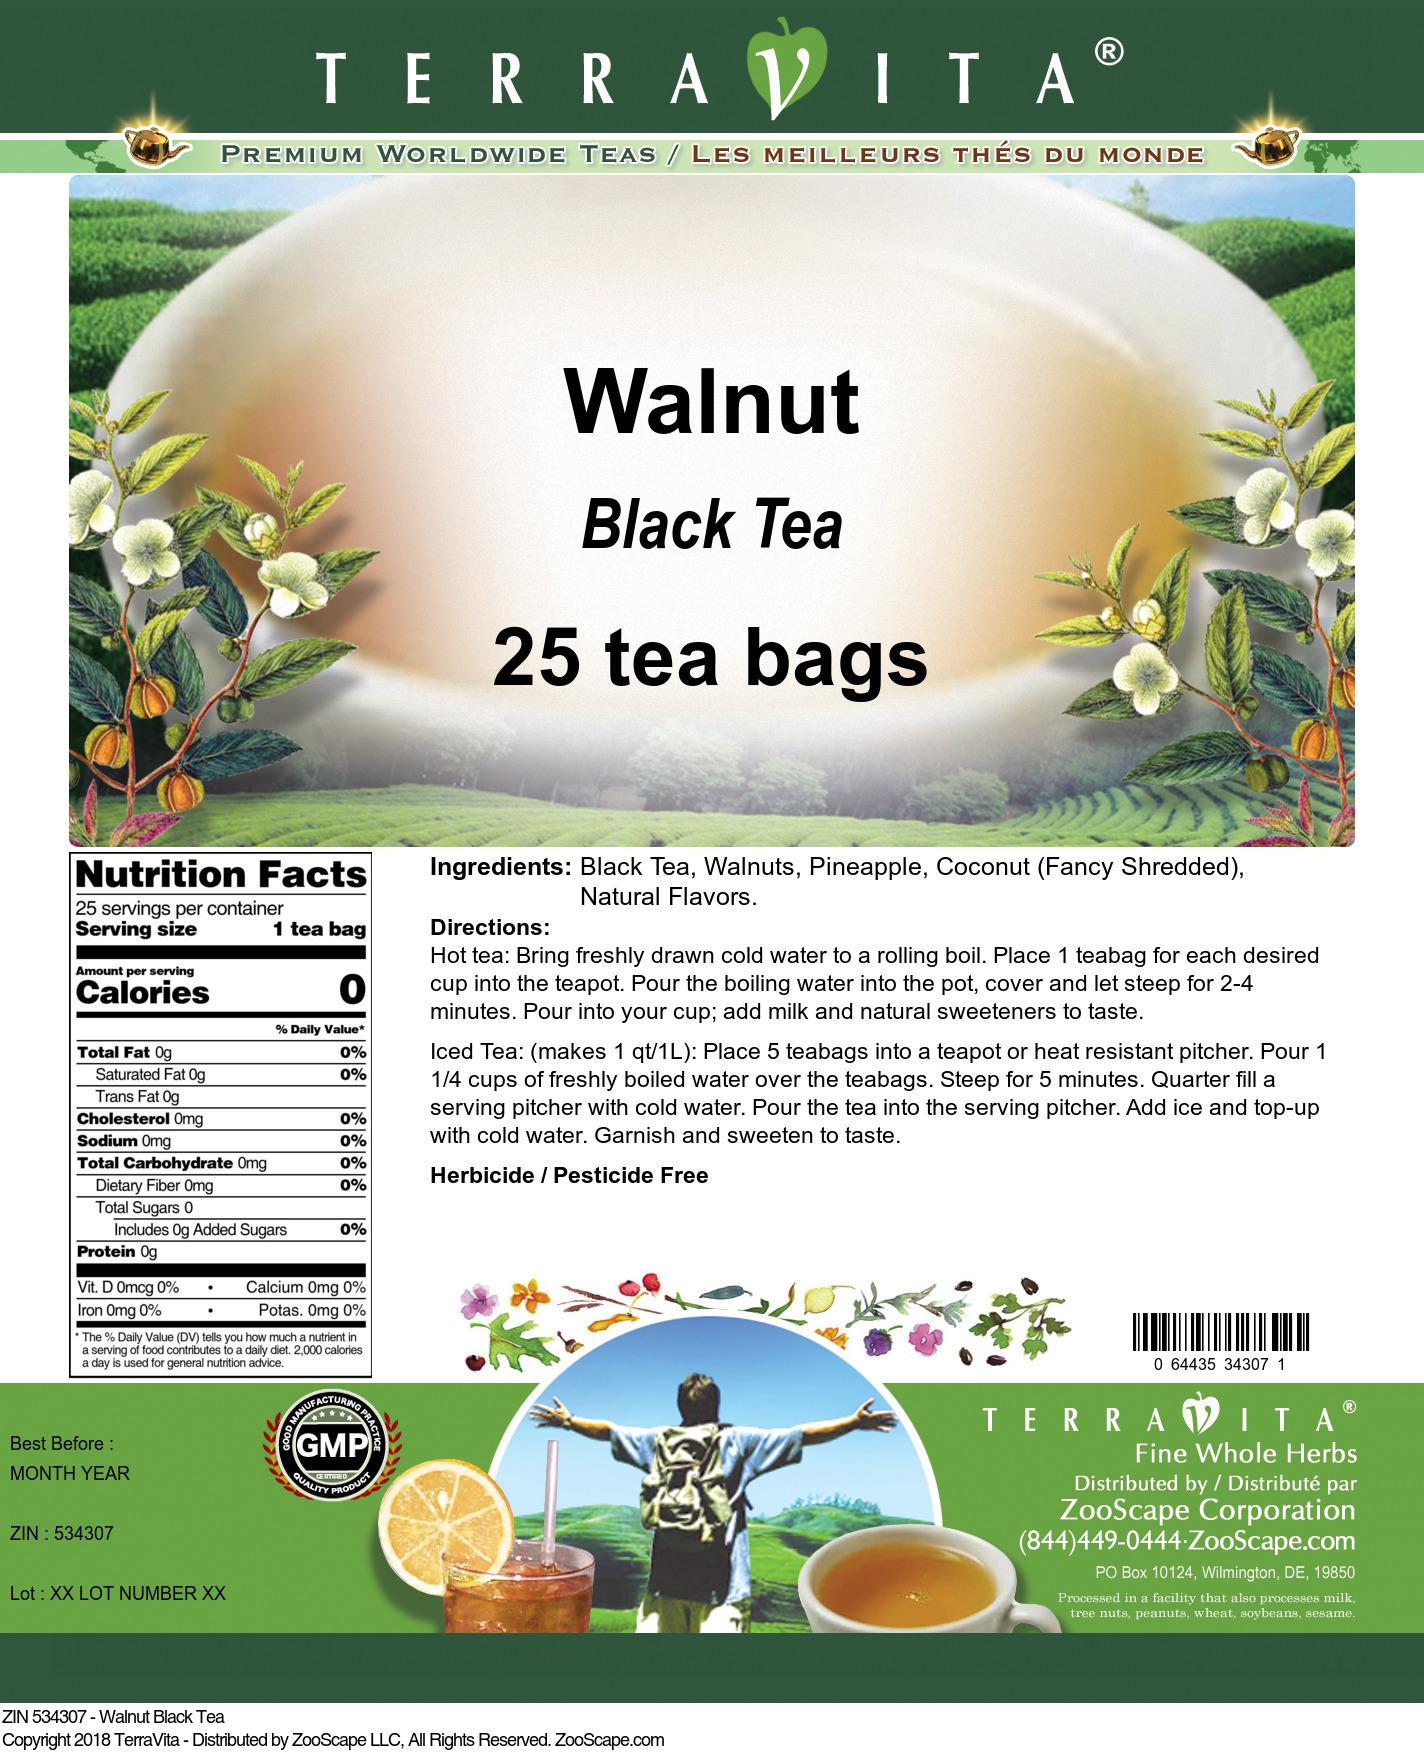 Walnut Black Tea